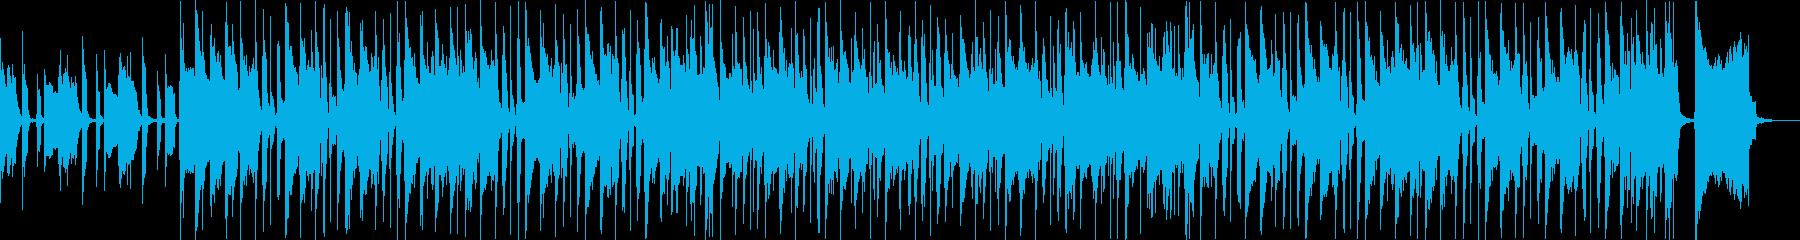 元気で陽気、気軽なブルースファンクBGMの再生済みの波形